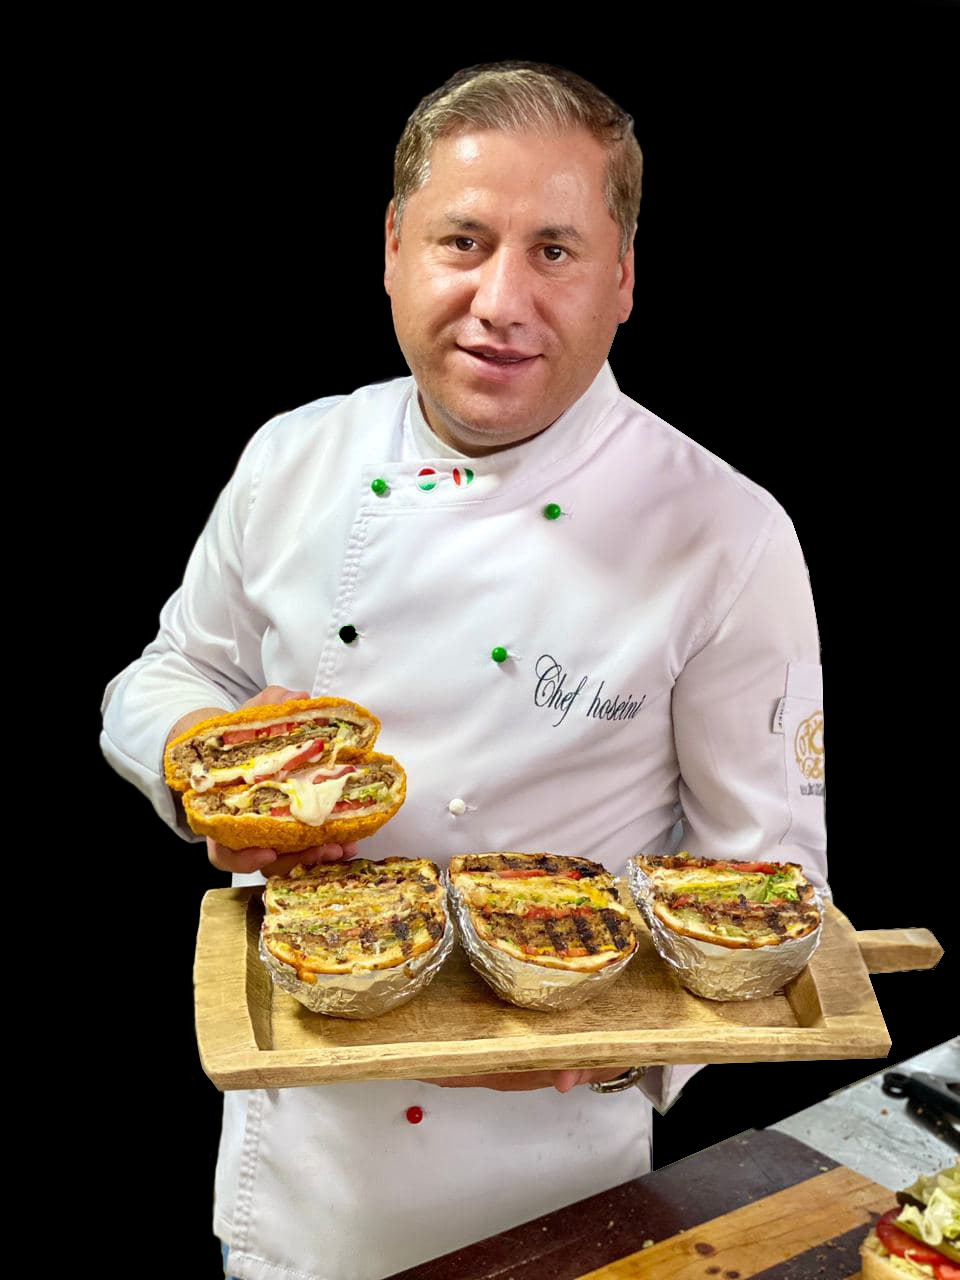 سر آشپز حسام حسینی | chef hesam hoseini | صفر تا صد فست فود